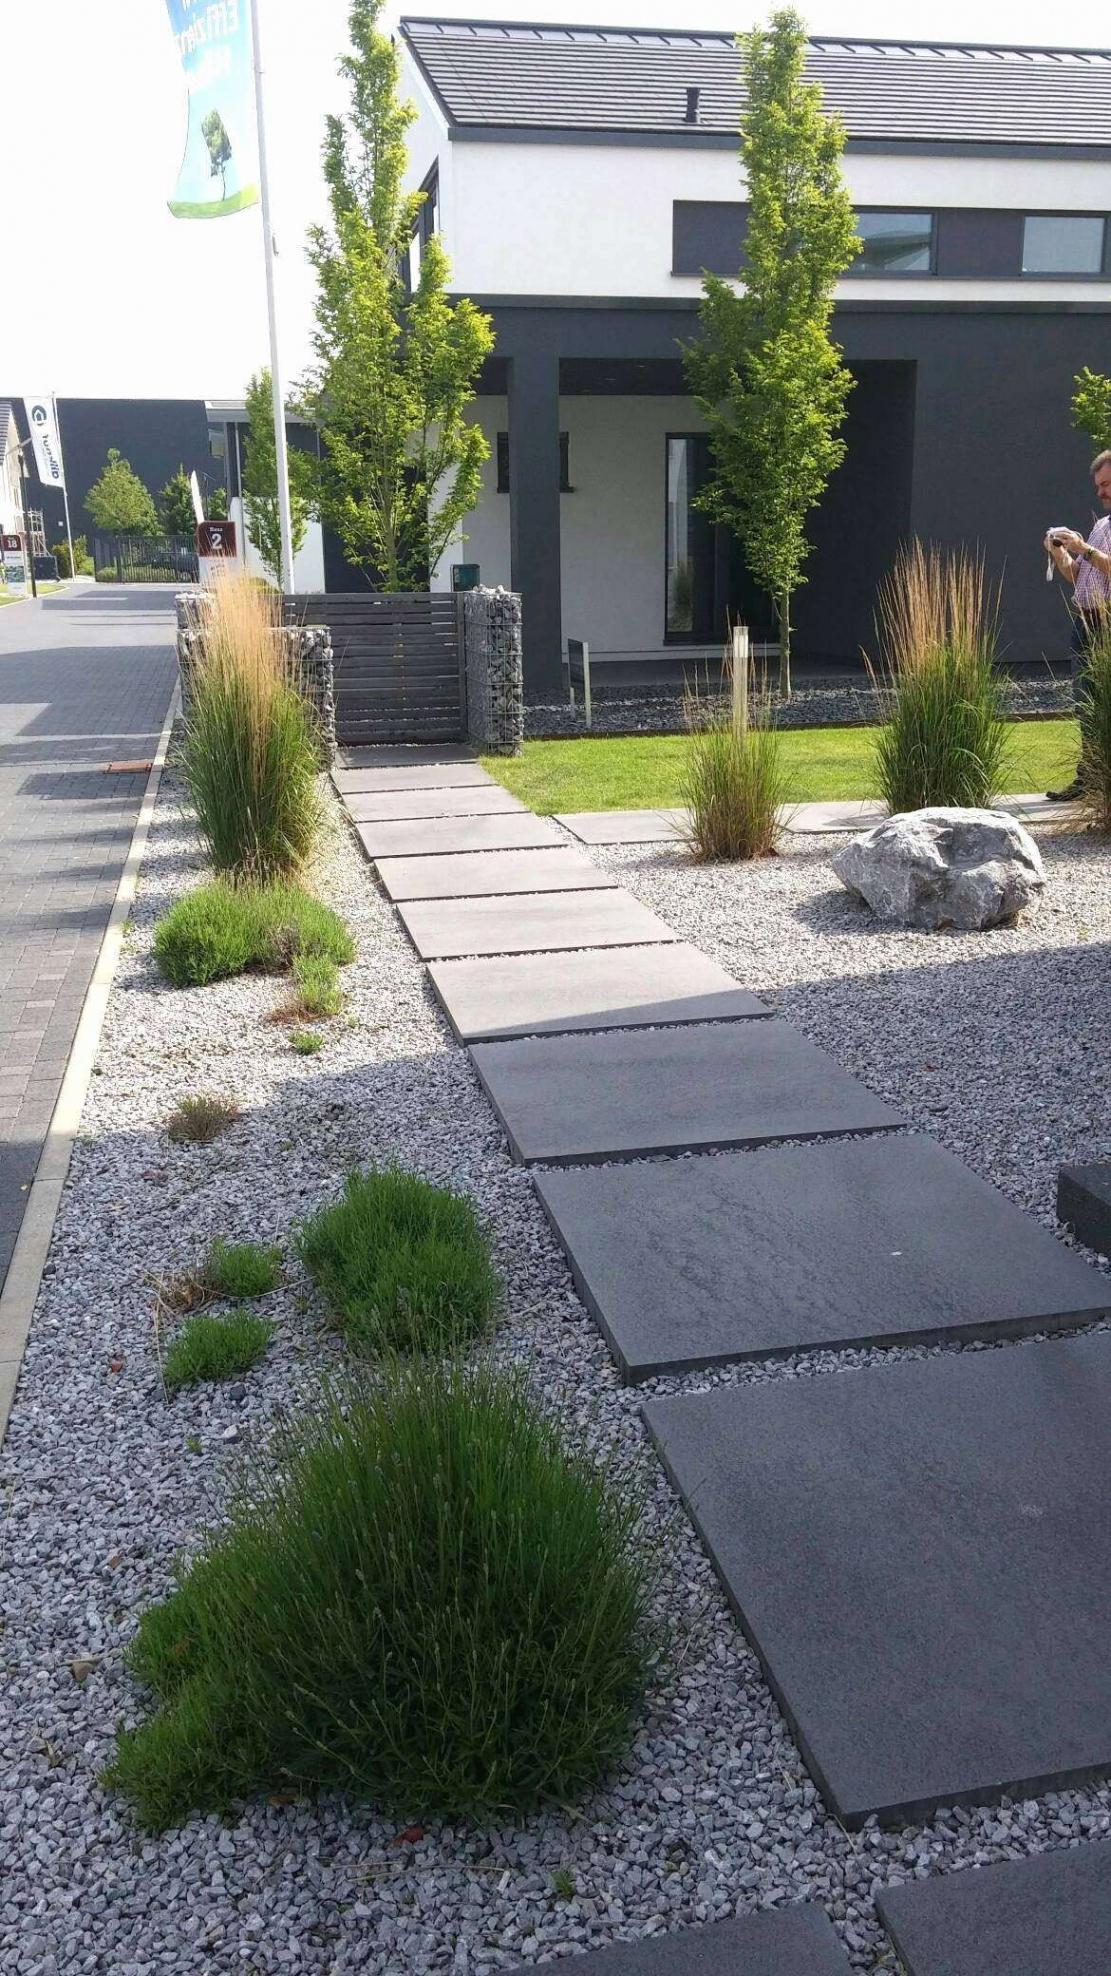 Alter Stuhl Als Gartendeko Genial Garten Deko Ideen Selbermachen — Temobardz Home Blog